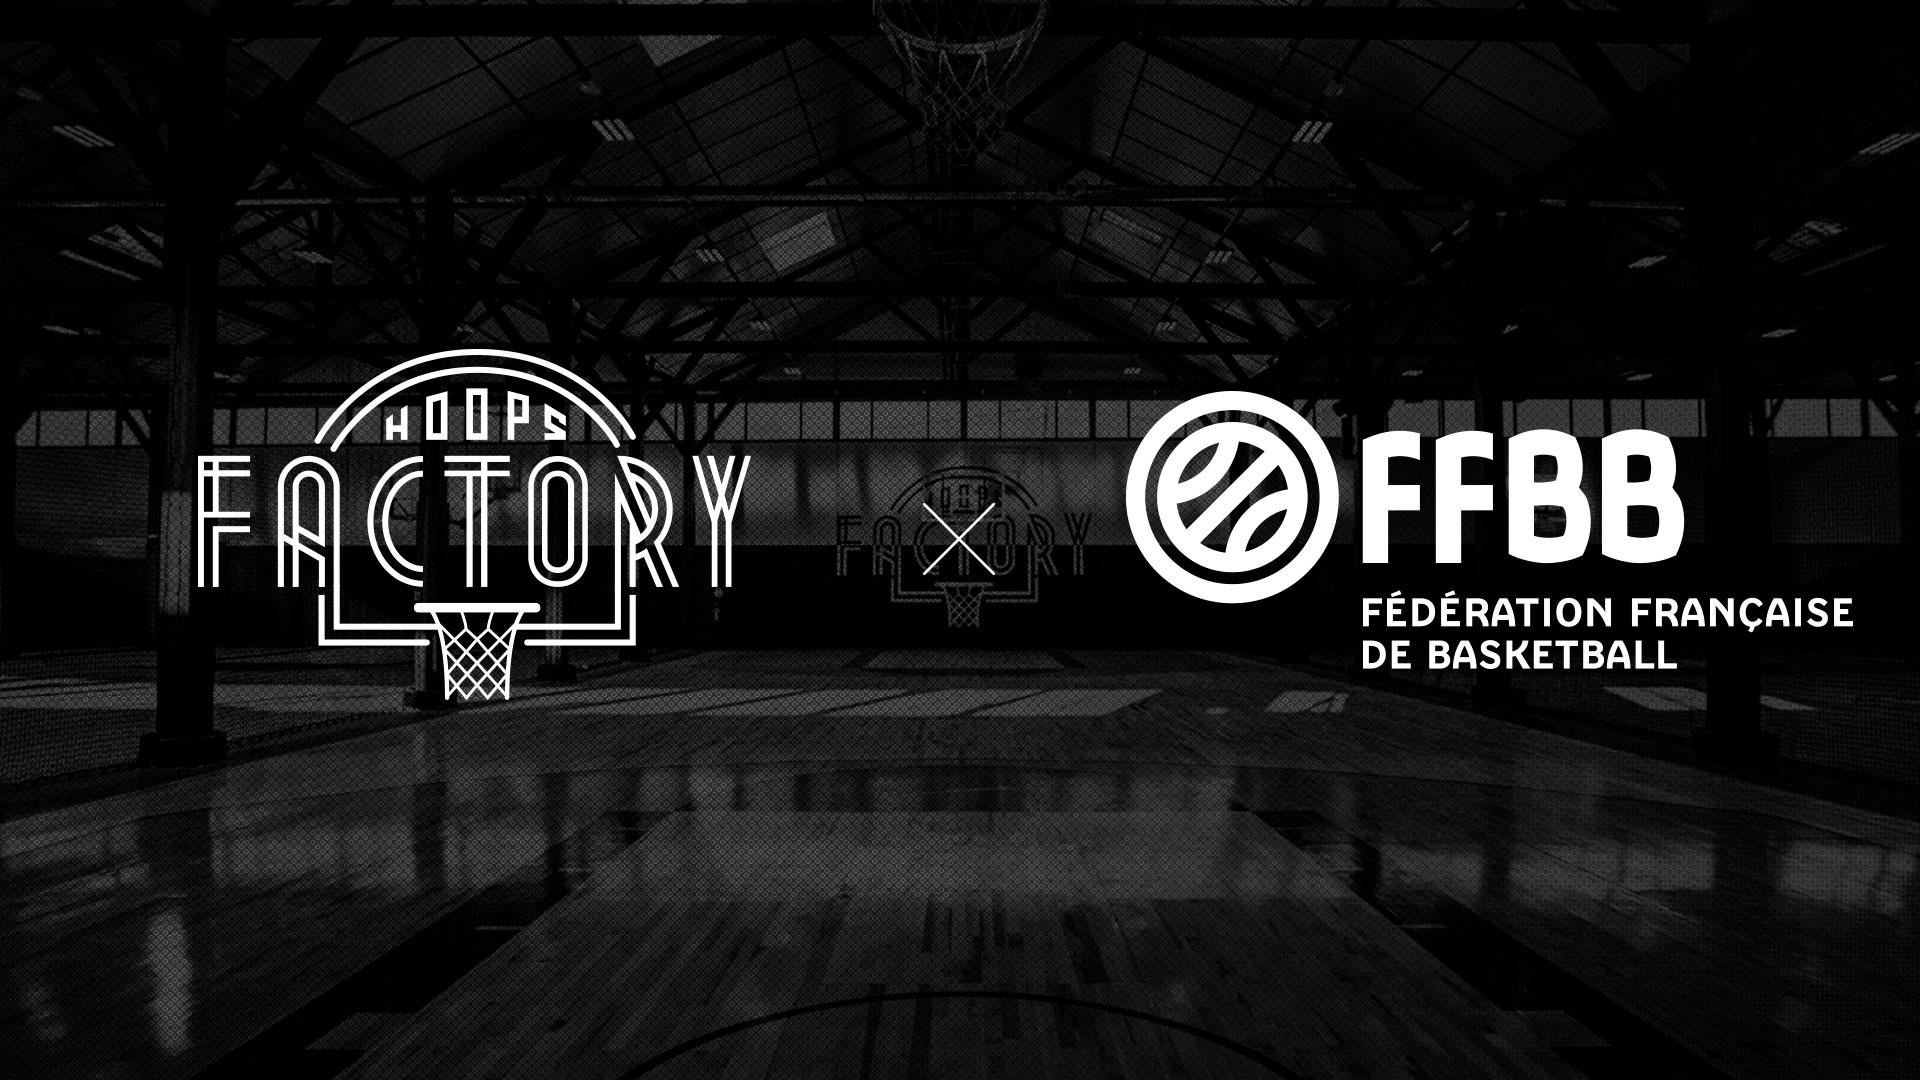 5fa48bc9ab Rapprochement entre la Hoops Factory et la FFBB